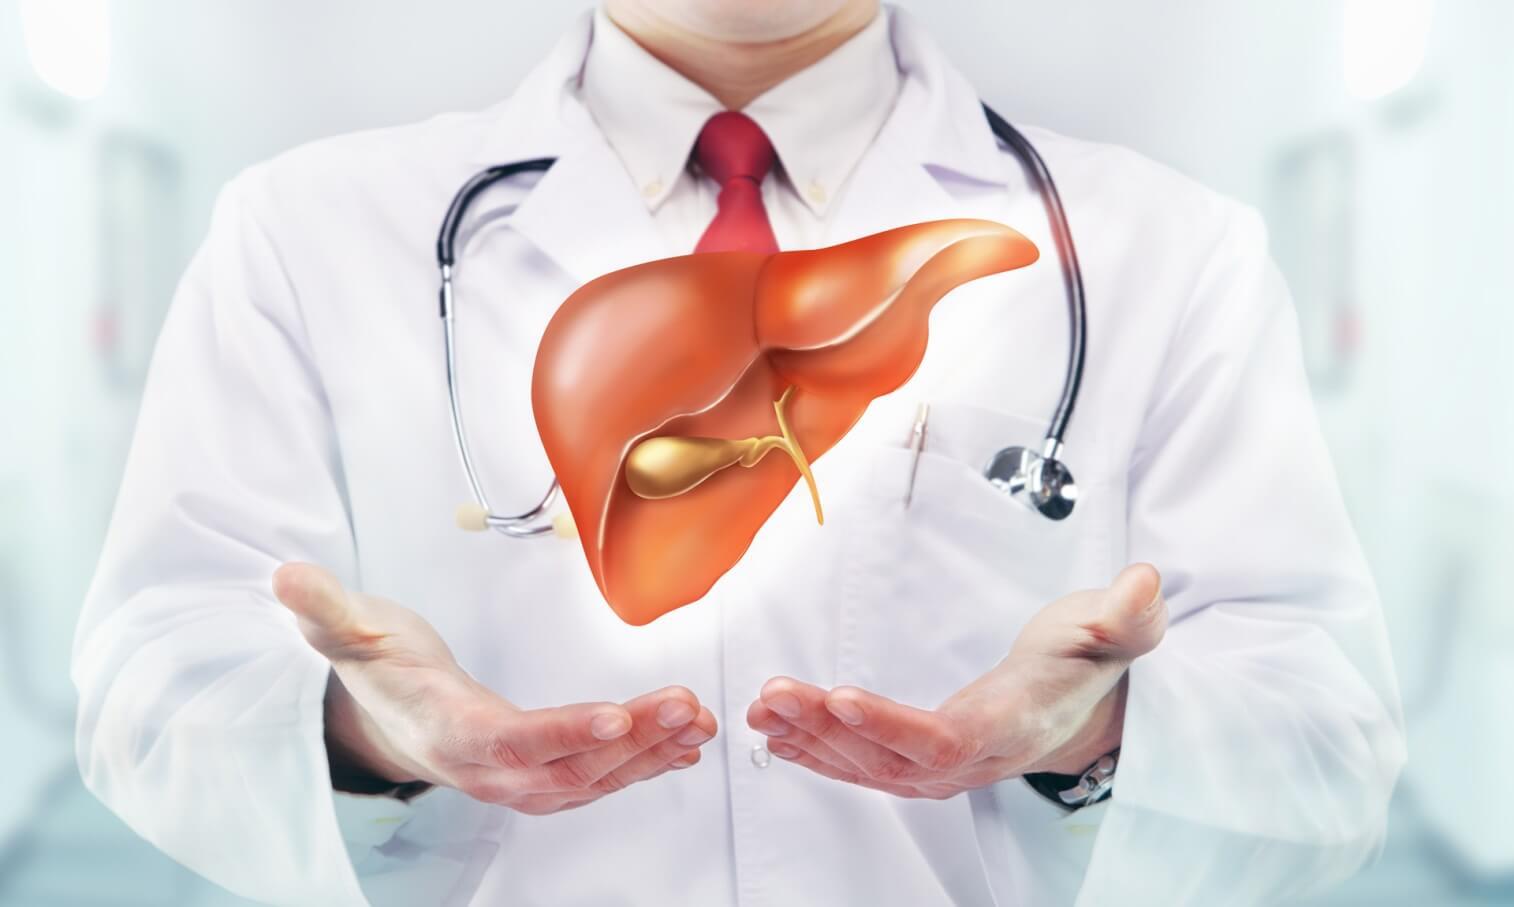 Симптомы и методы лечения при гепатите C